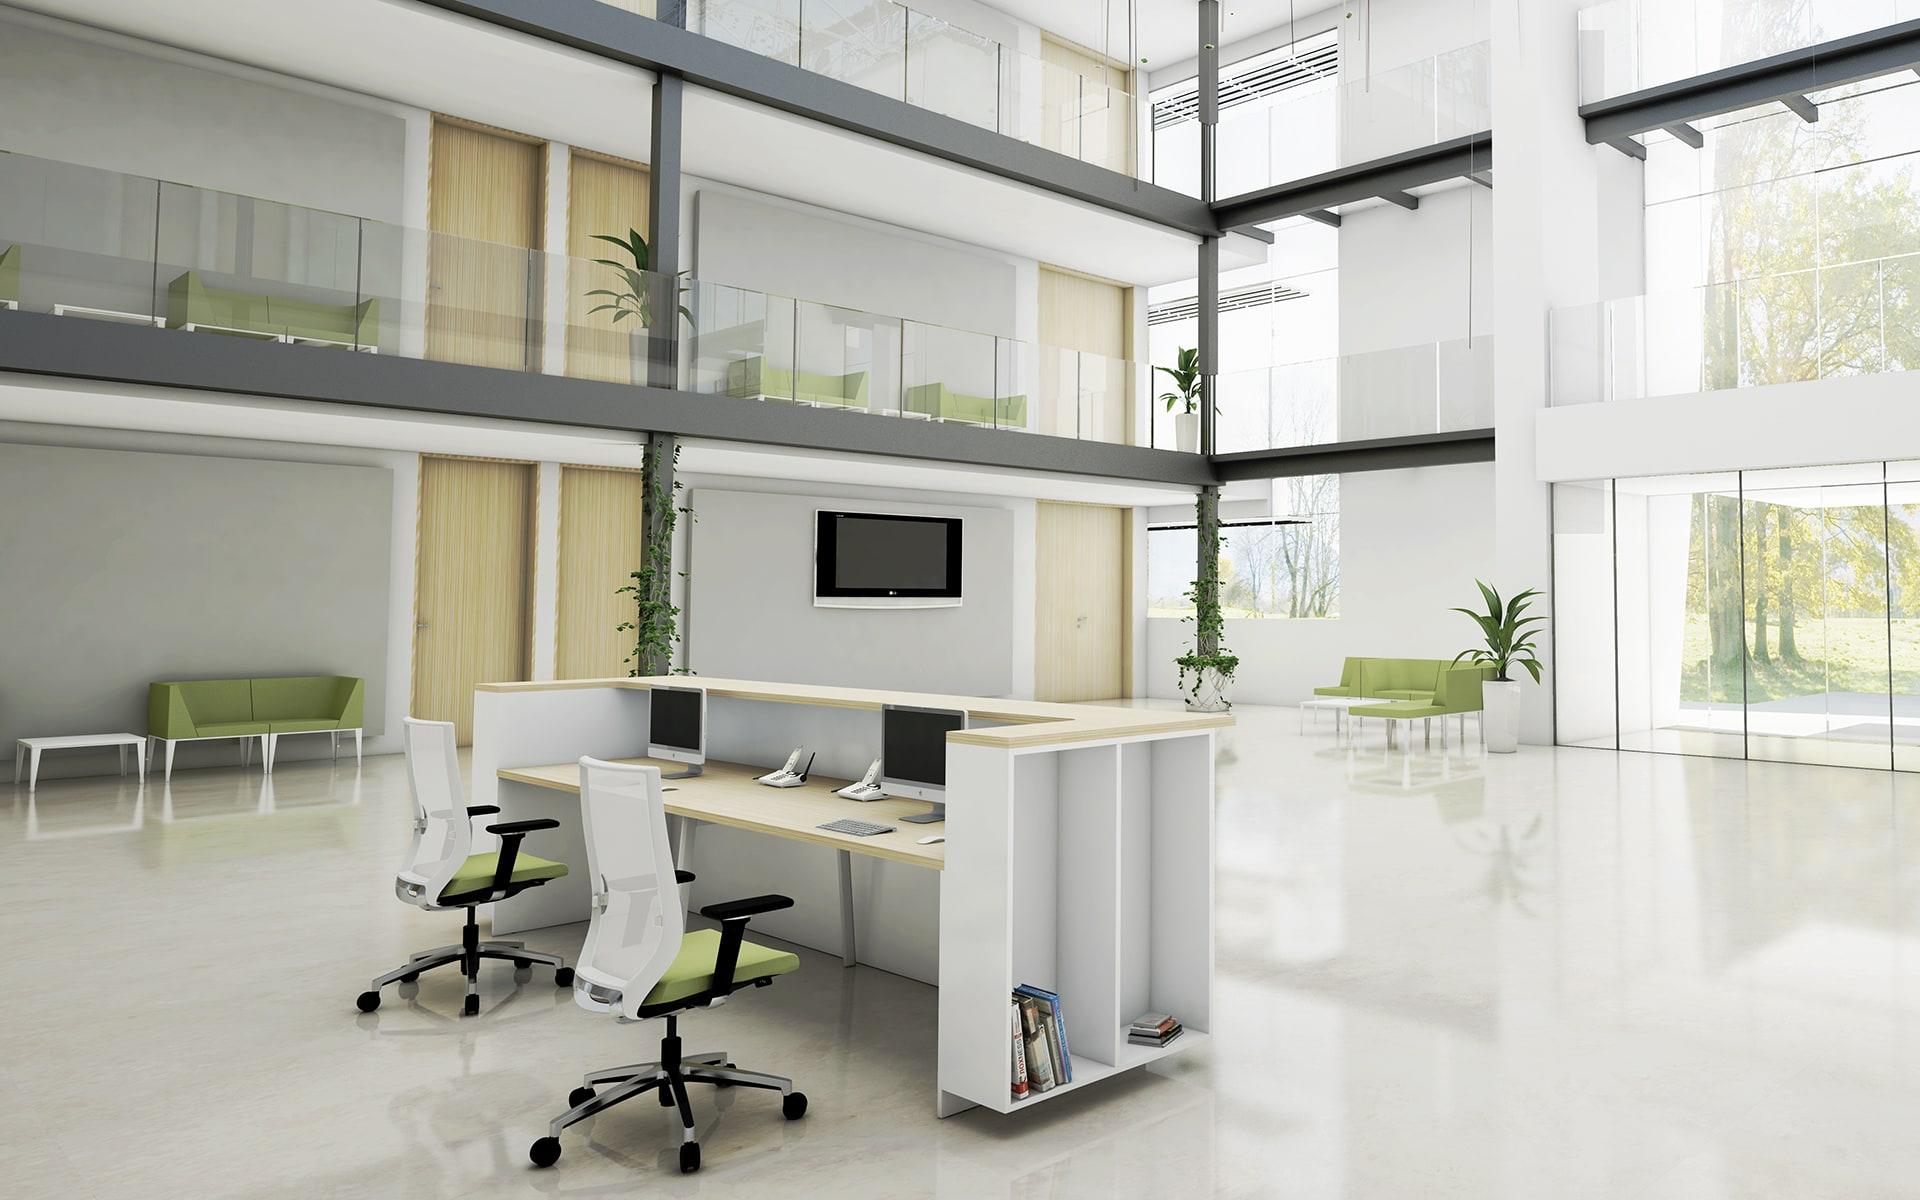 Forma 5 Eben Bürostühle von ITO Design mit weissen Lehnen und grünen Polstern in hellem Empfangsbereich